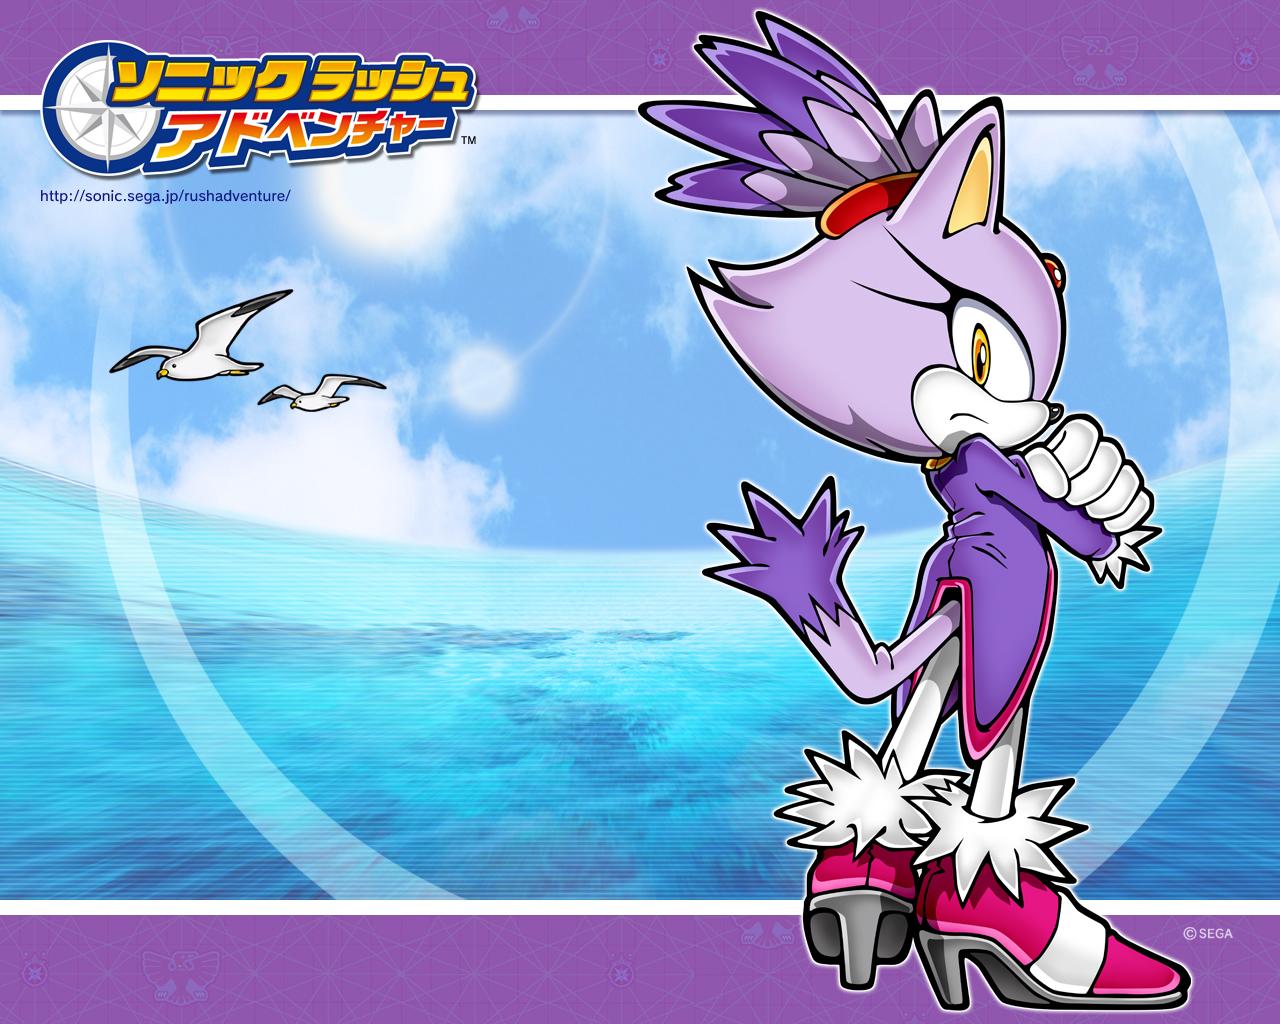 File Sra Blaze 1280 Jpg Sonic Retro